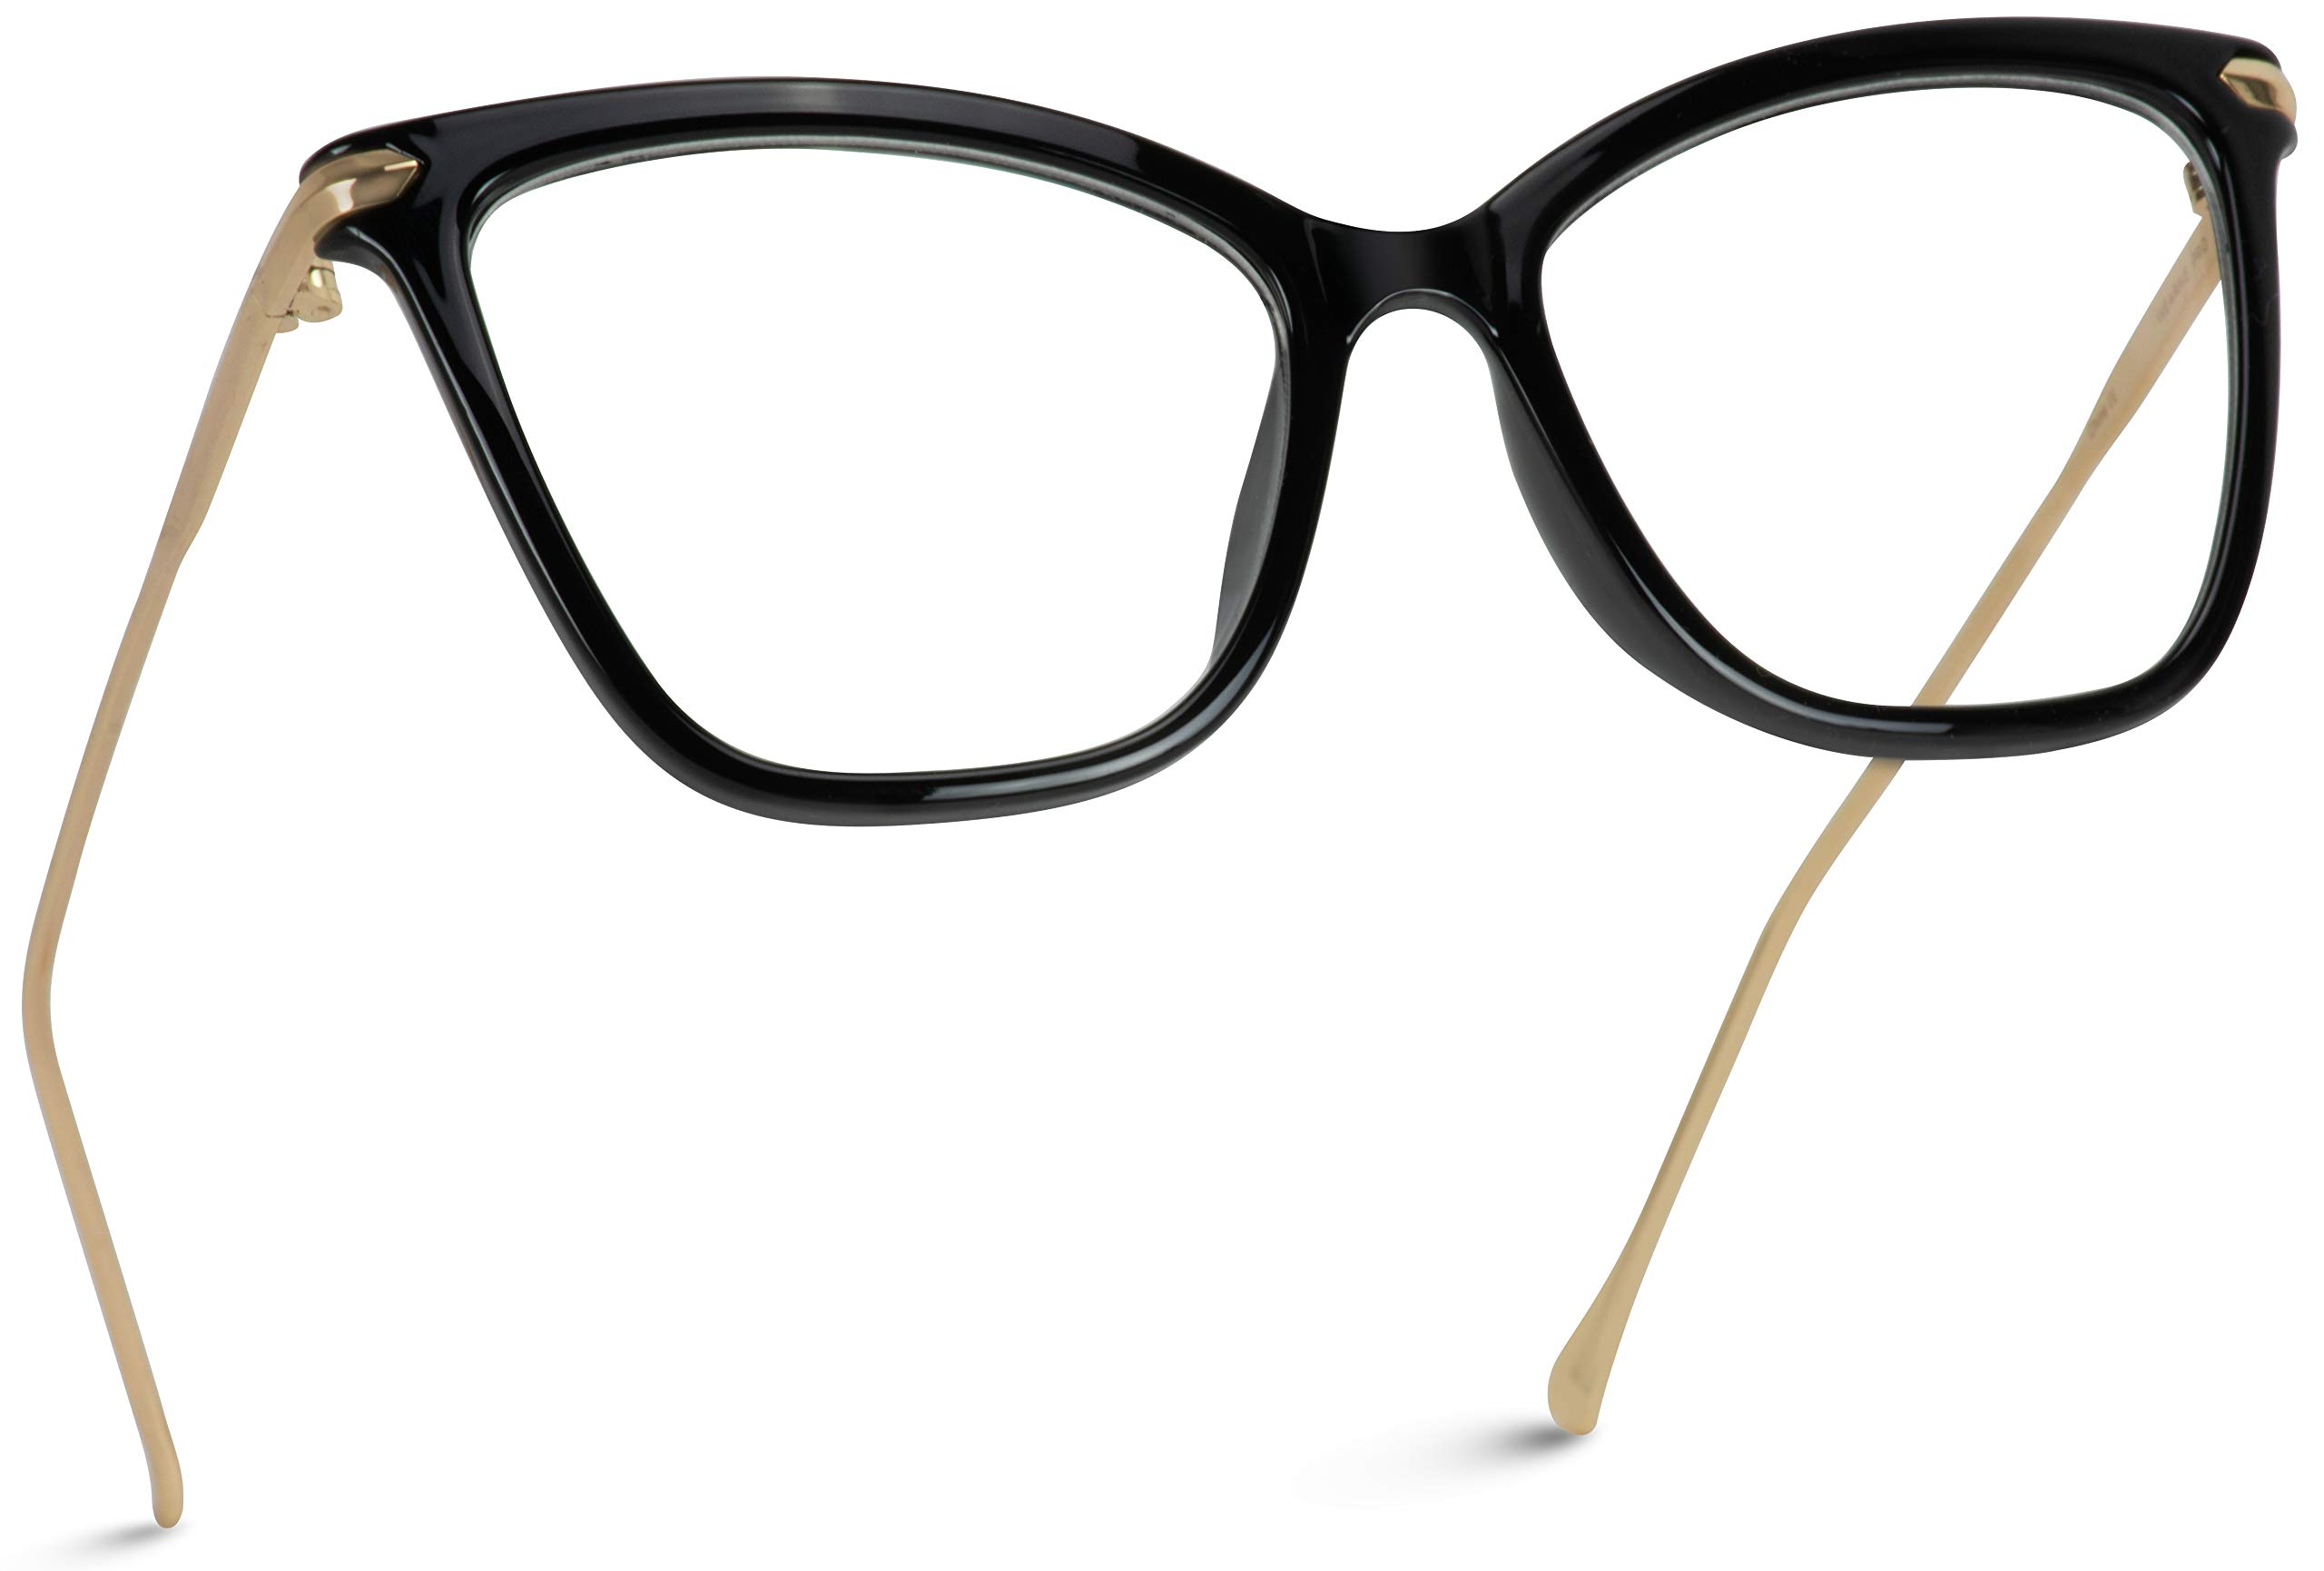 WearMe Pro - New Elegant Oversized Clear Cat Eye Non-Prescription Glasses by WearMe Pro